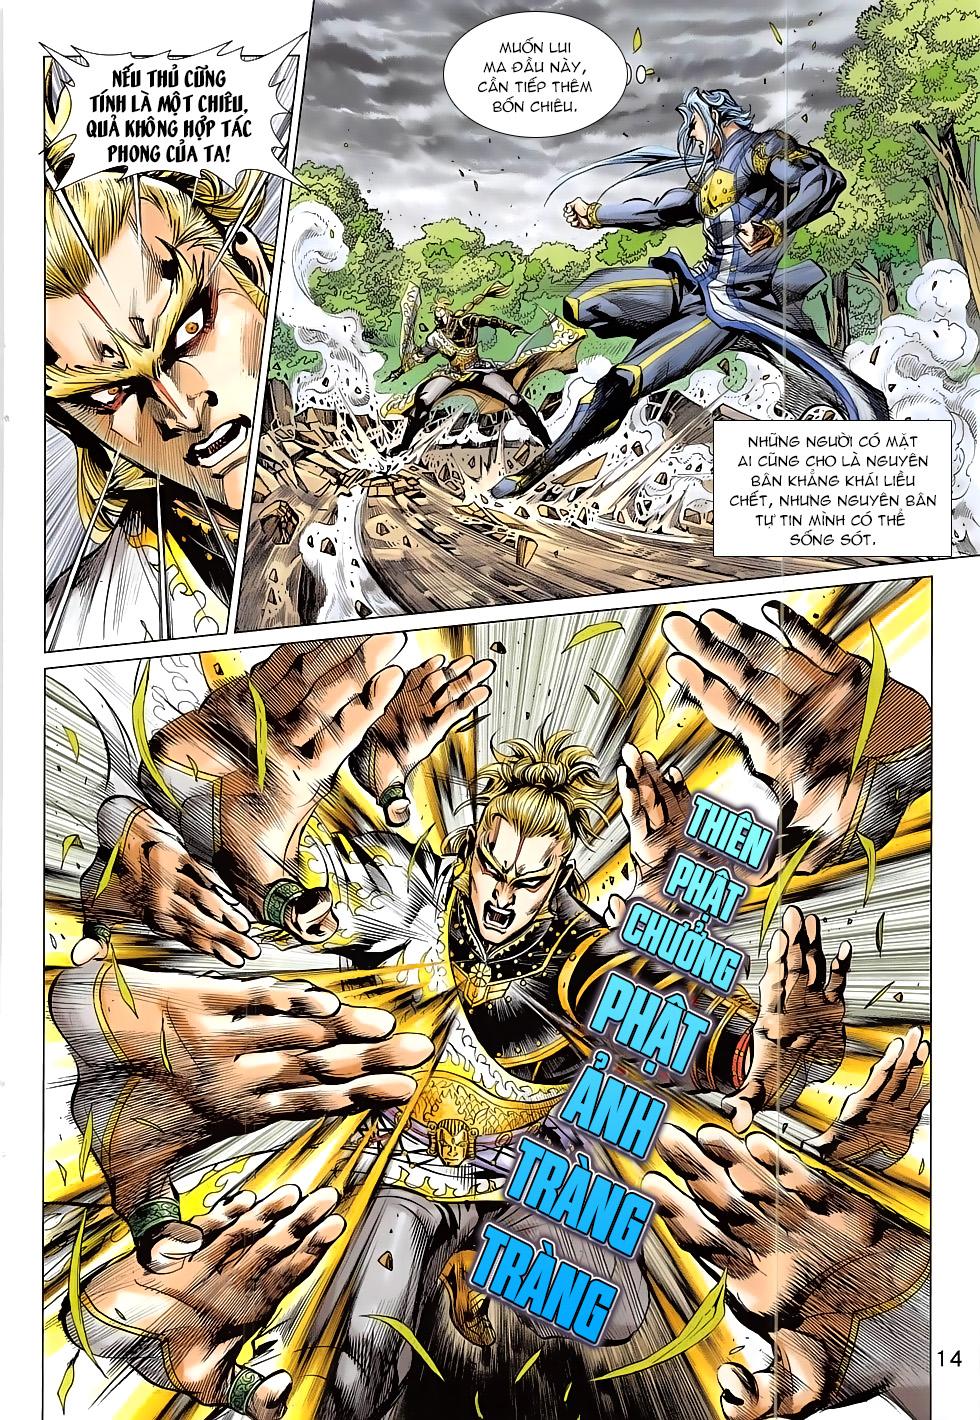 Thần Chưởng trang 14